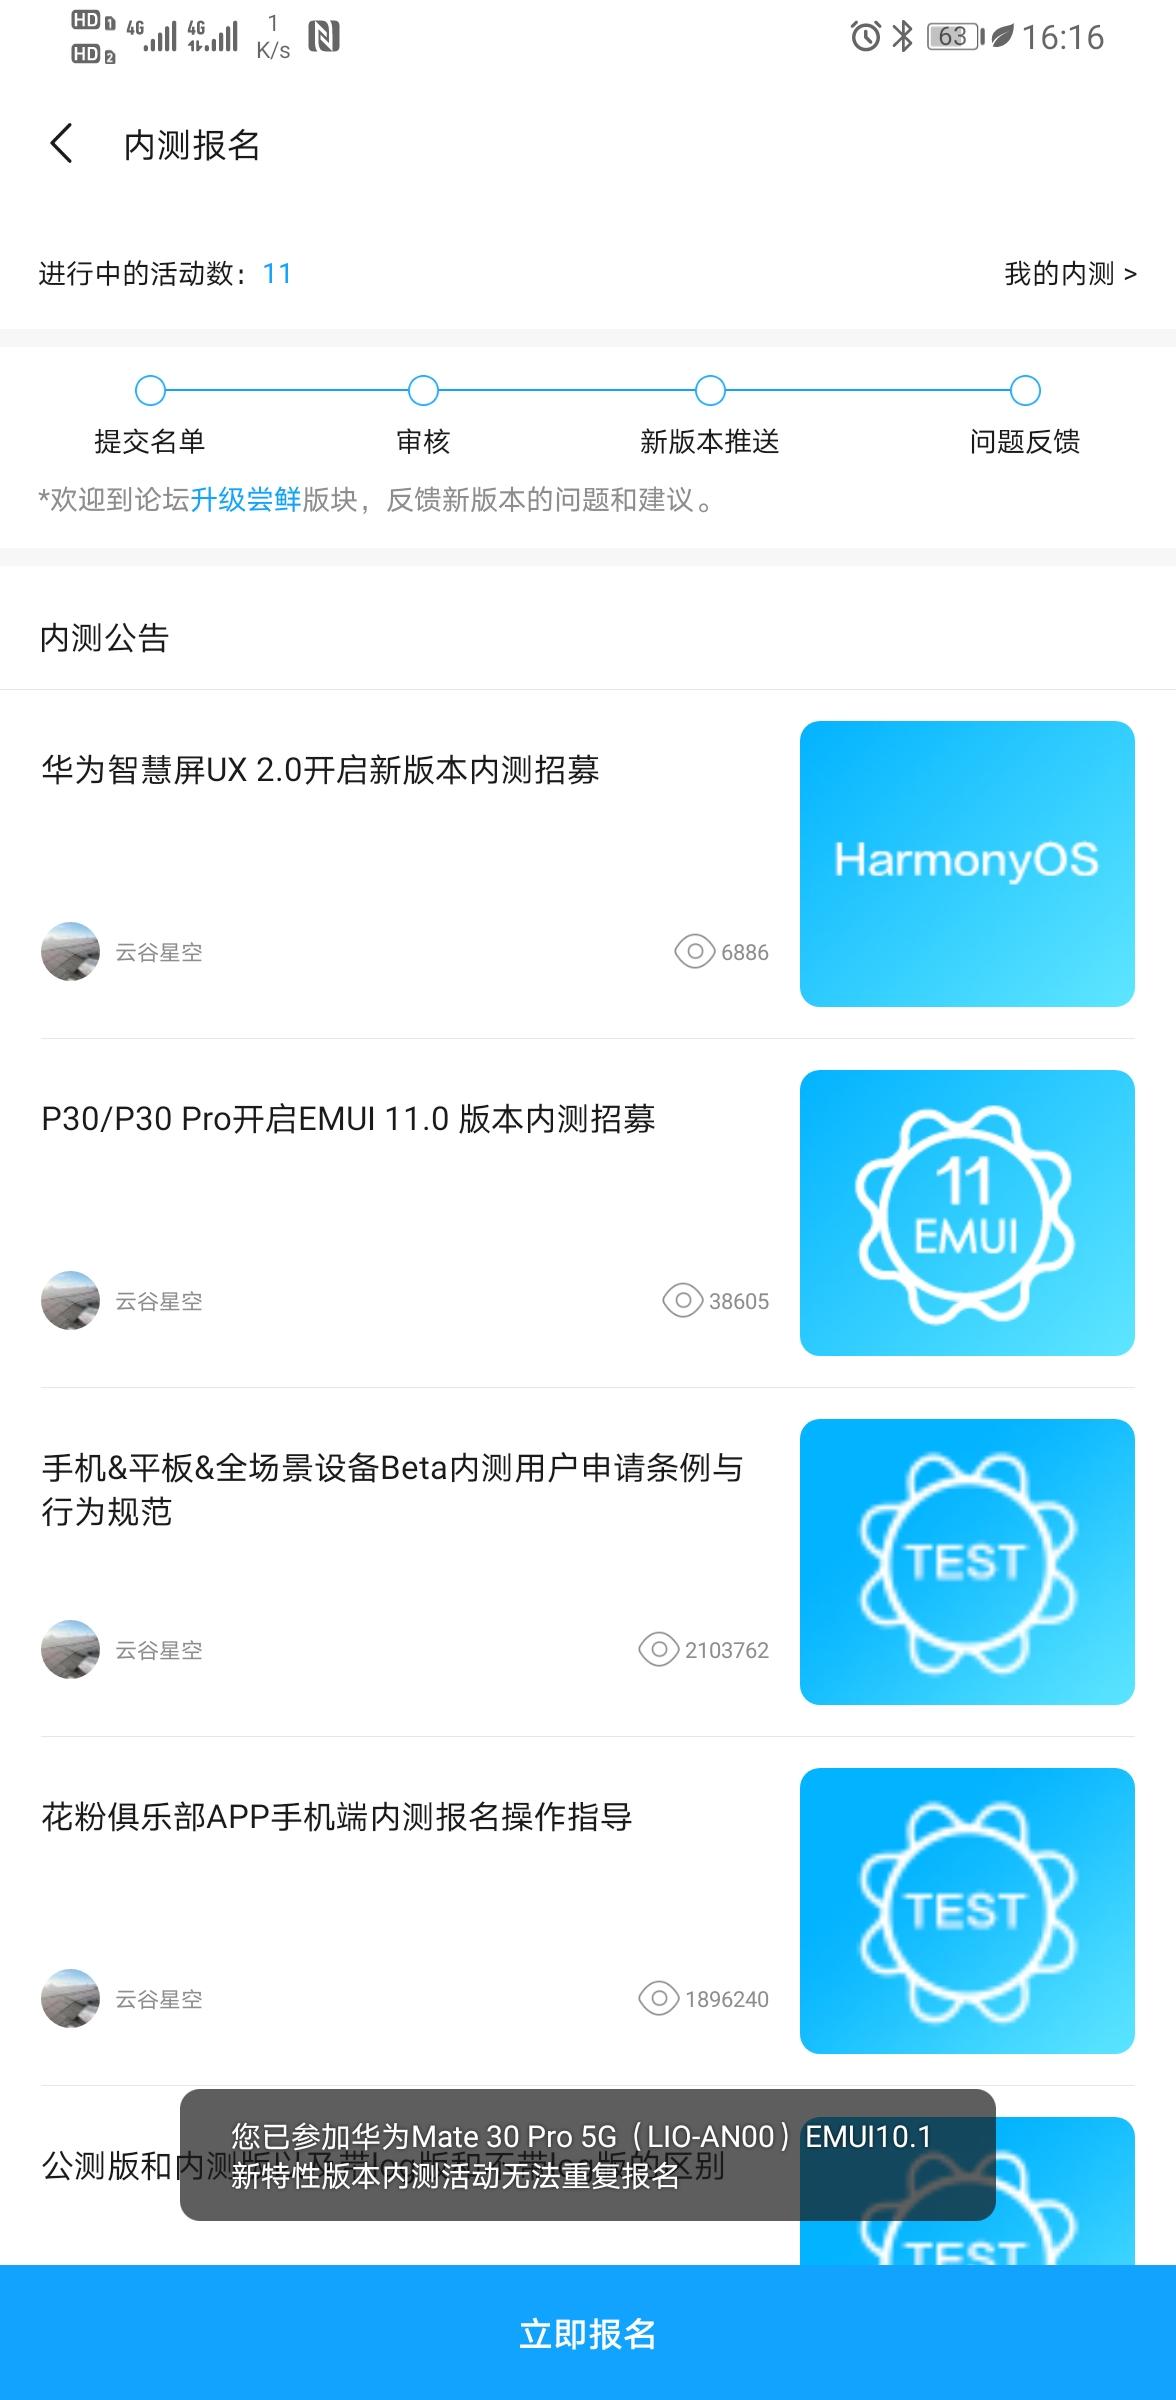 Screenshot_20201021_161638_com.huawei.fans.jpg